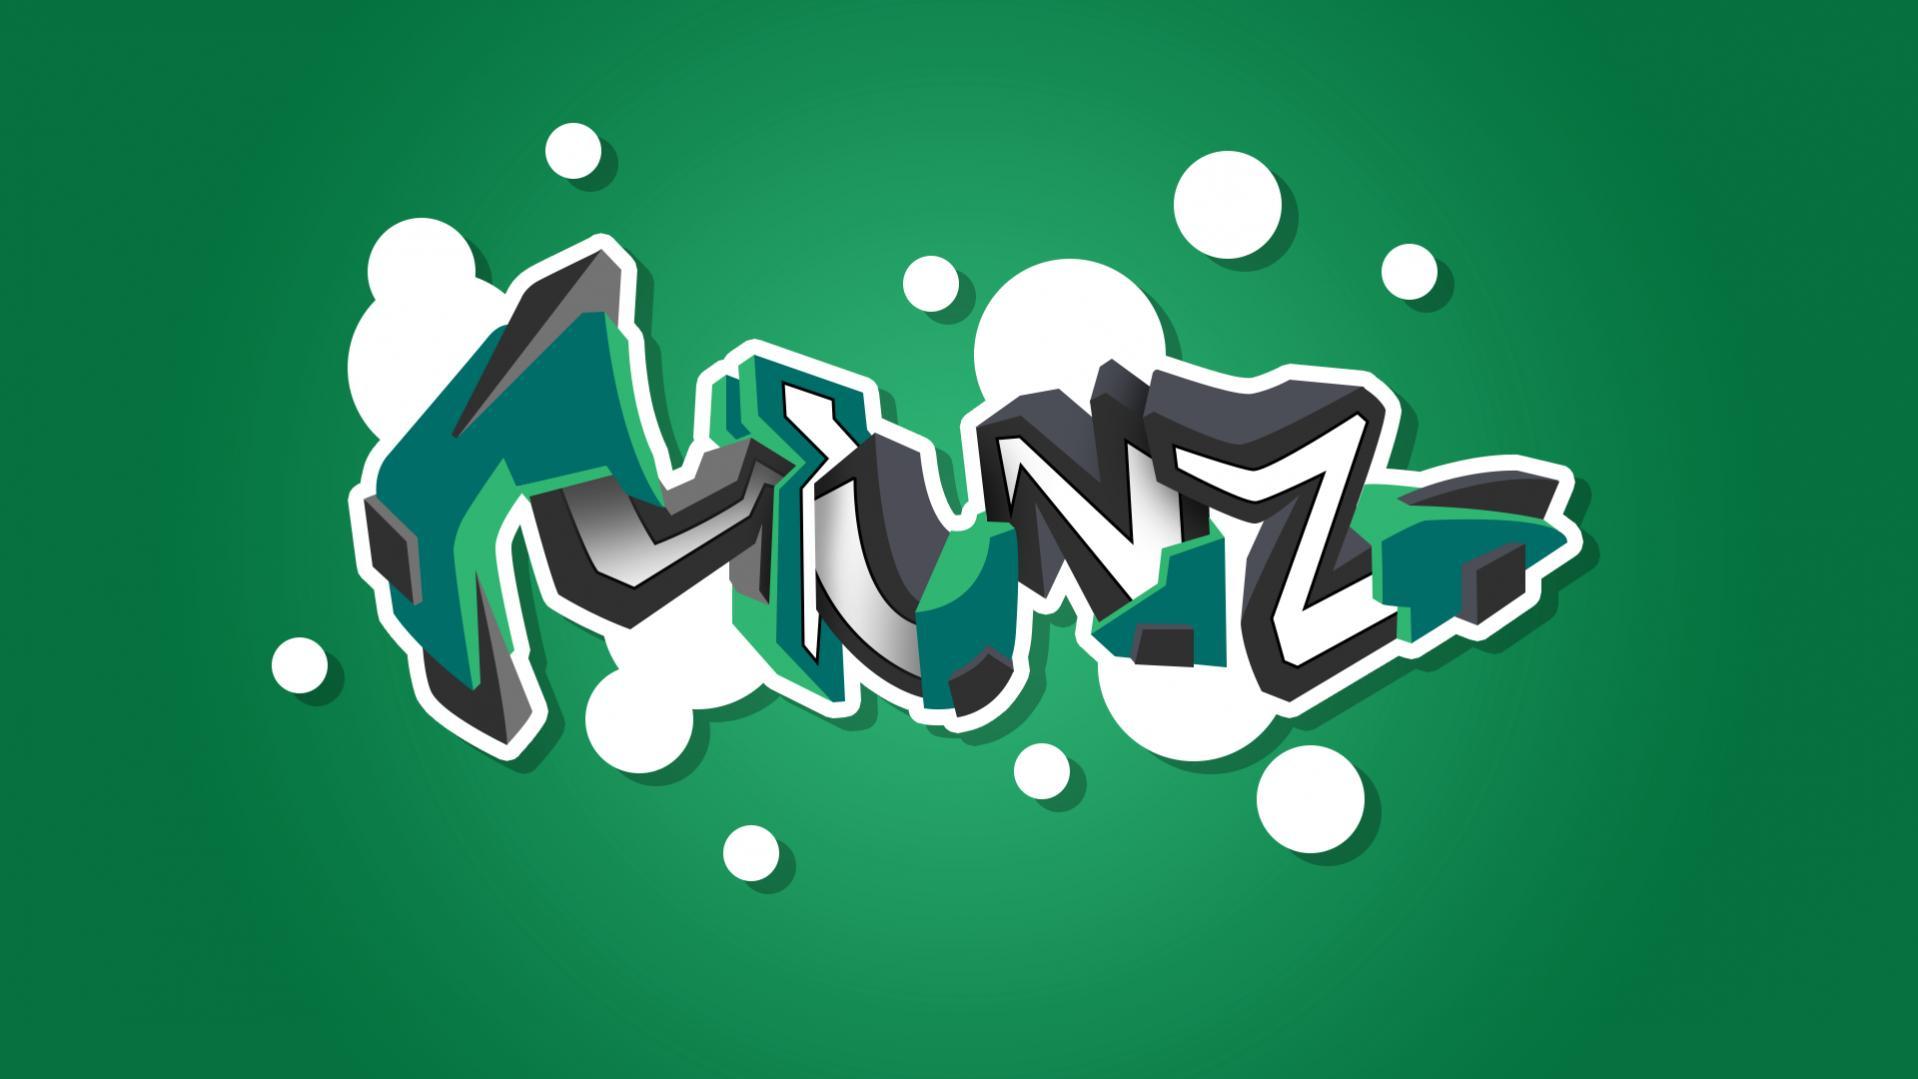 Miunz-4.jpg